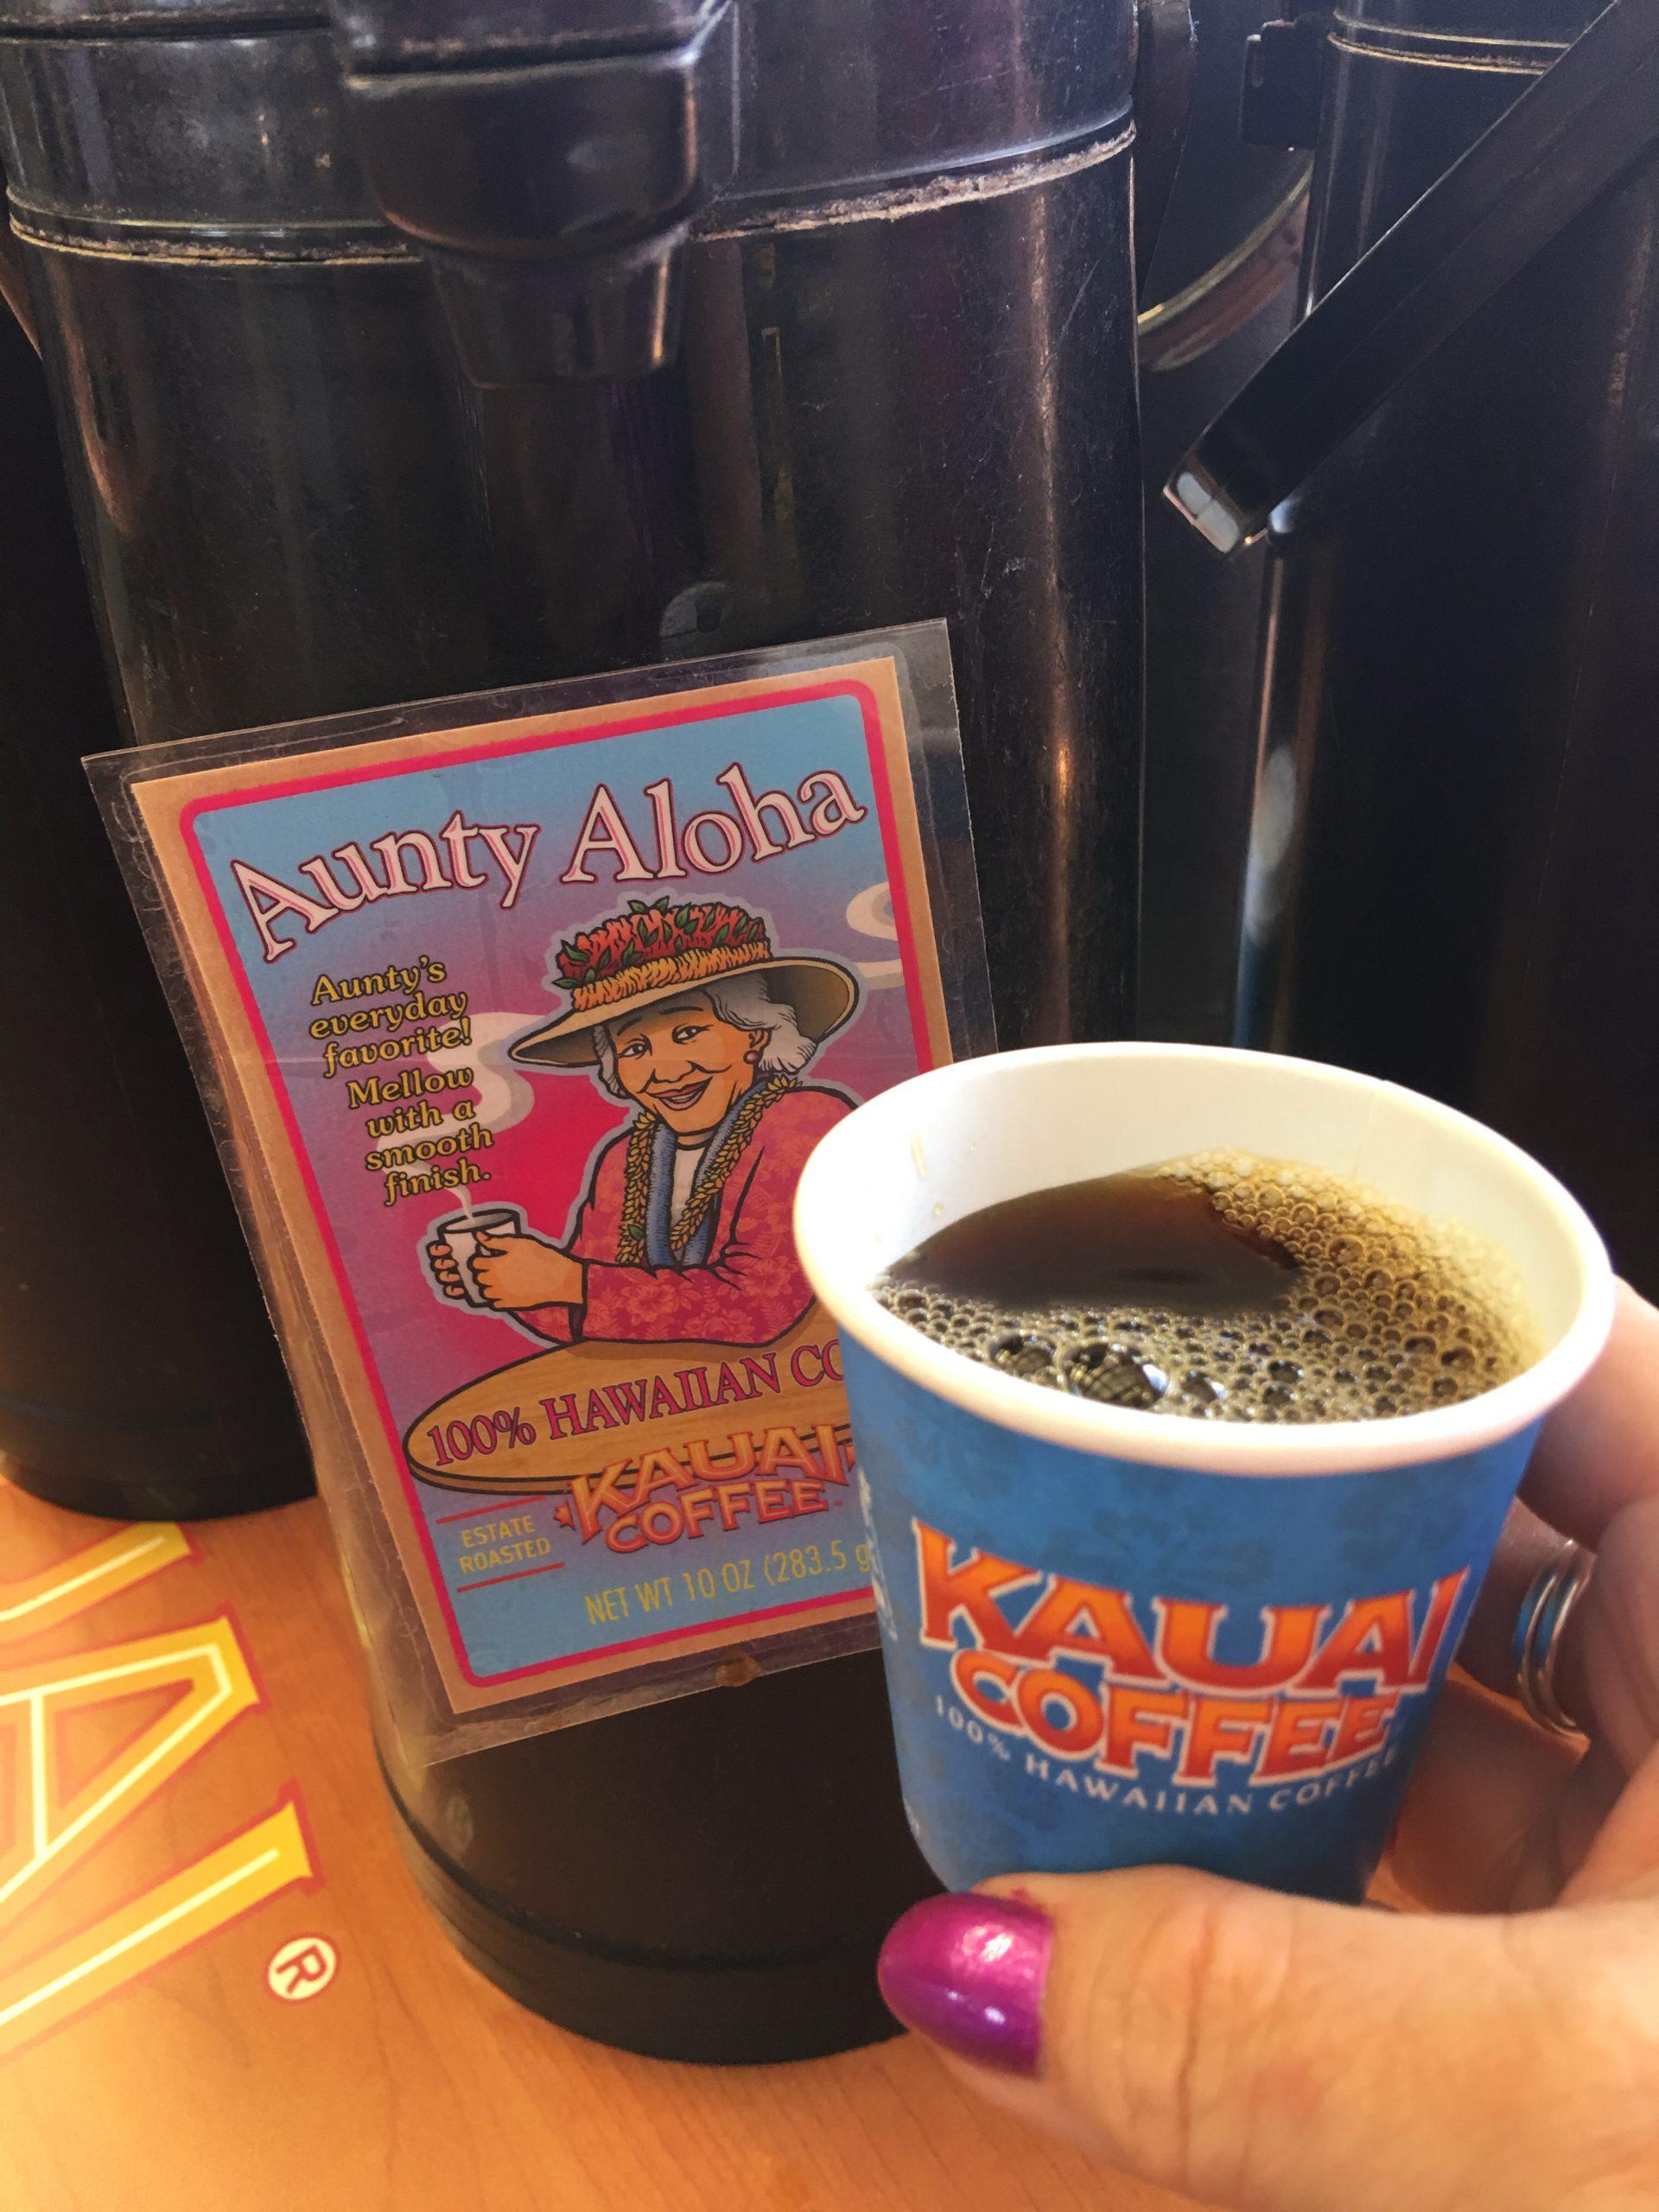 Kauai Coffee, Kauai, Hawaii